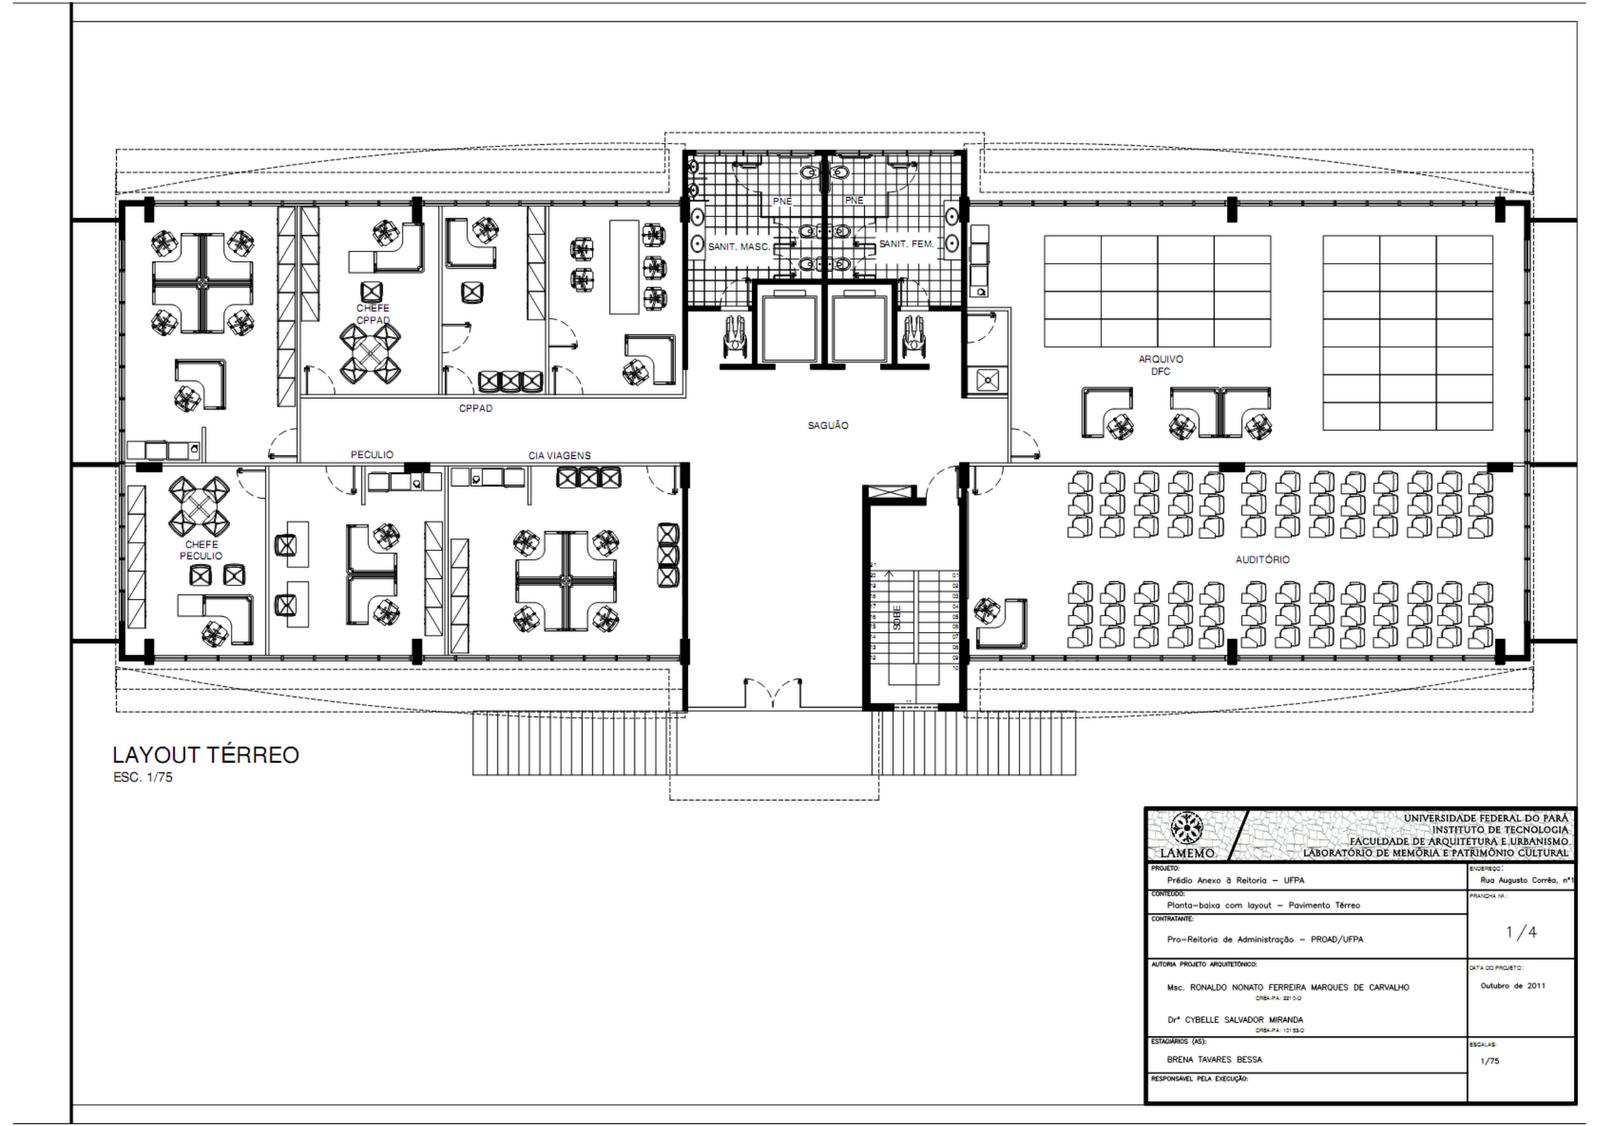 Imagens de #6E5D6C Pin Projetos Banheiros Salvador Bahia Artigos Para Ajilbabcom Portal  1600x1126 px 3336 Blocos Autocad Banheiro Para Deficientes